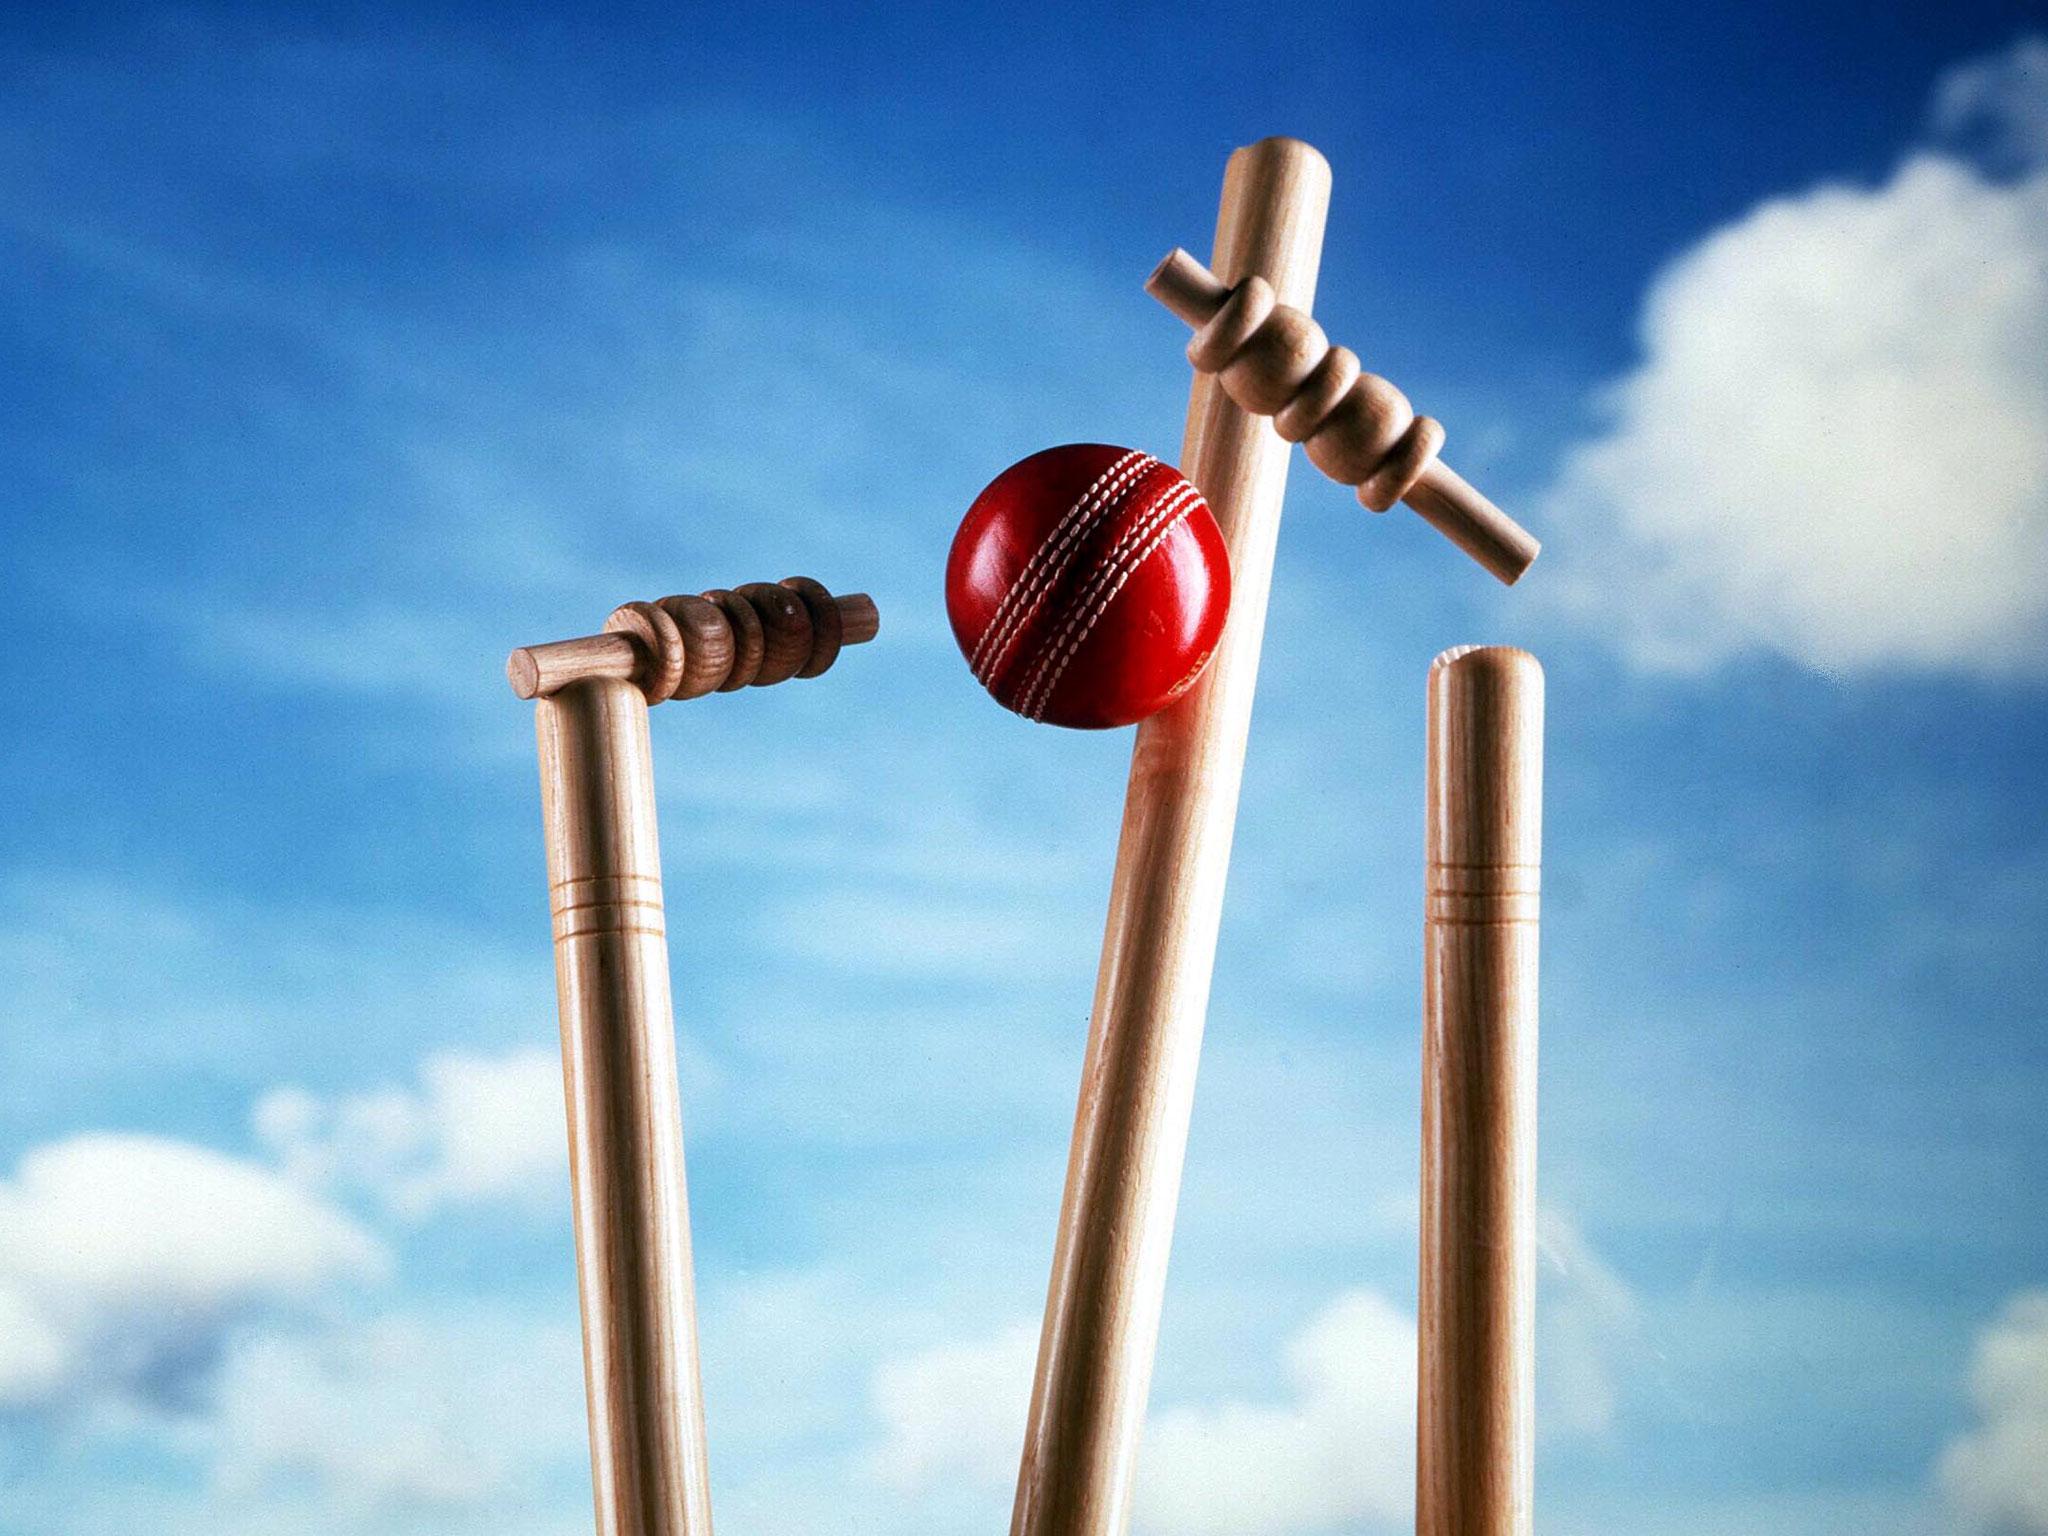 दर्दनाक-दक्षिण अफ्रीका के दो स्थानीय क्रिकेट क्लबों से आयी बुरी खबर, कर दी दोनों क्लब के कोच की बेरहमी से हत्या